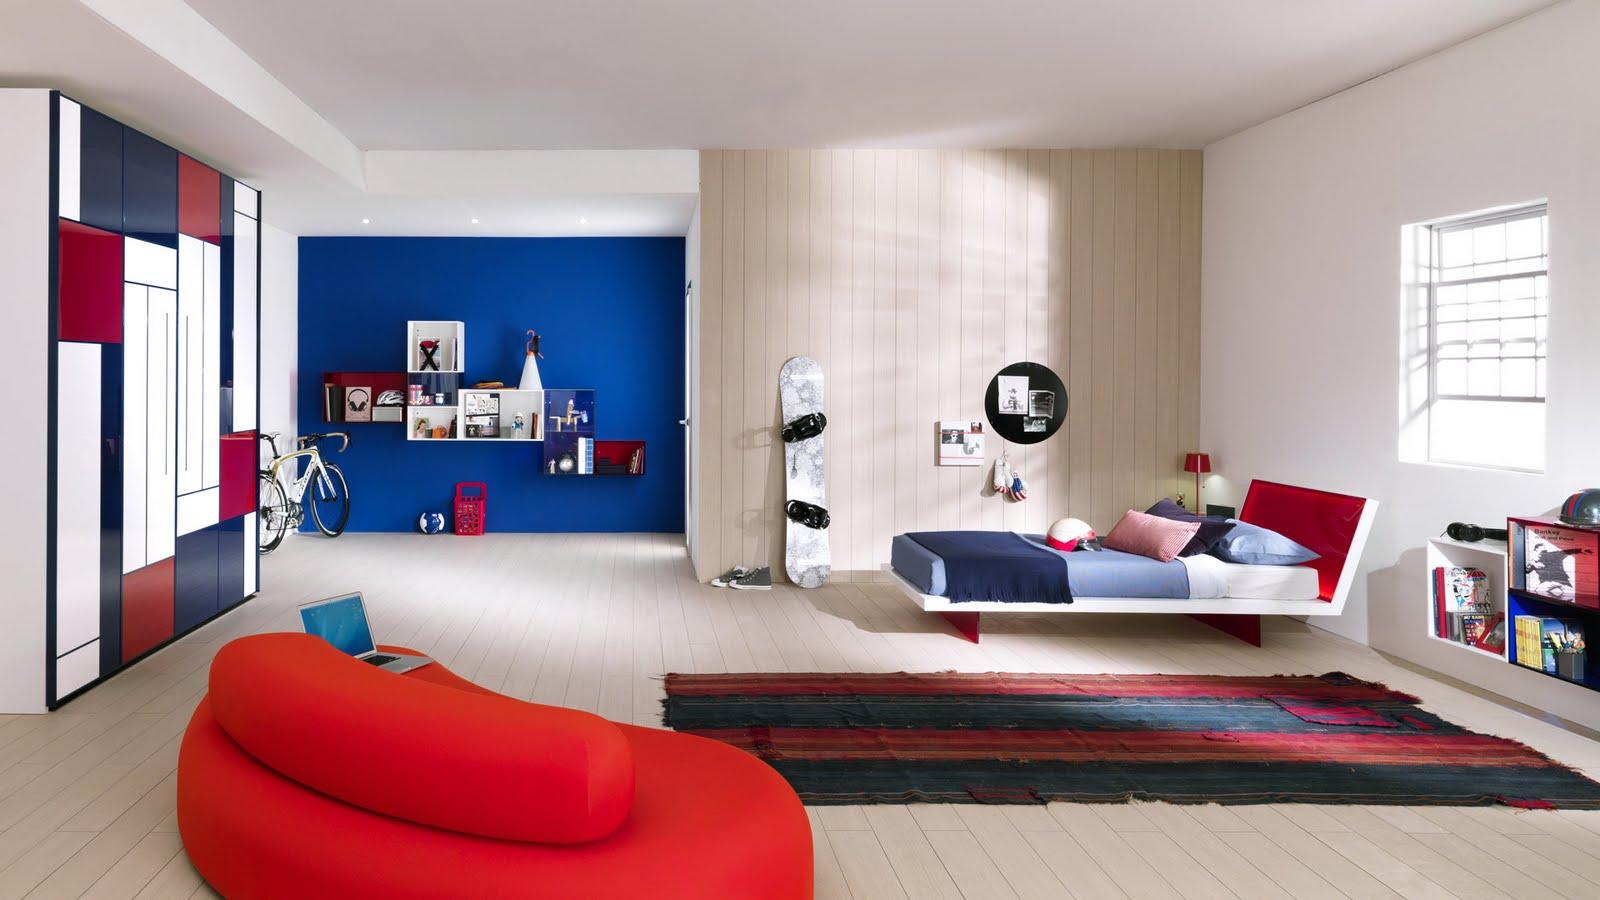 Dormitorios para adolescentes color azul ideas para for Como decorar un dormitorio grande